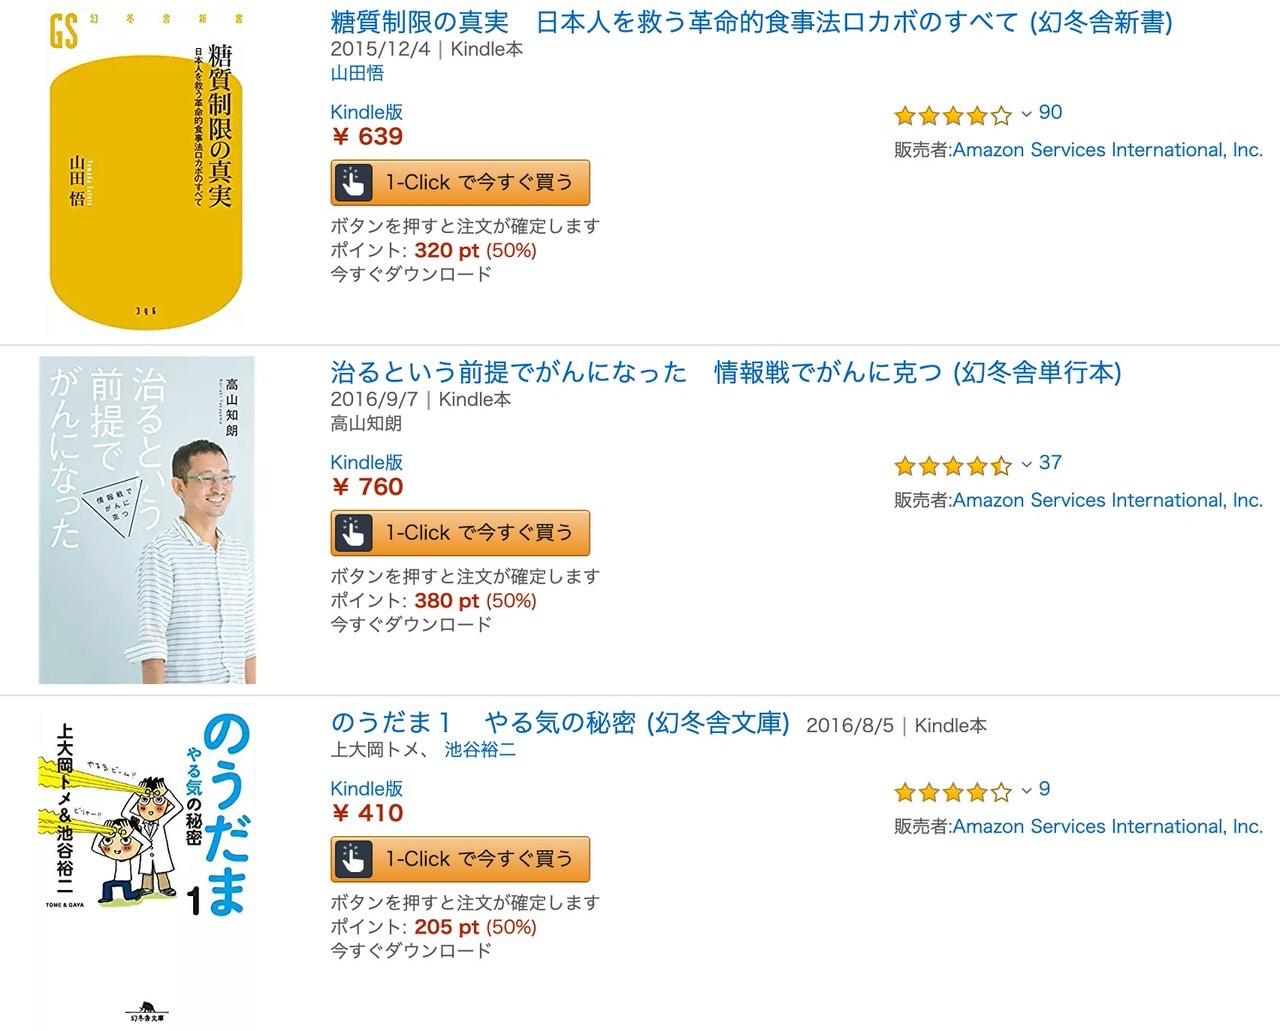 【Kindleセール】50%ポイント還元!「体質」改善でカラダマネジメント本フェア 〜「治るという前提でがんになった」も(6/27まで)